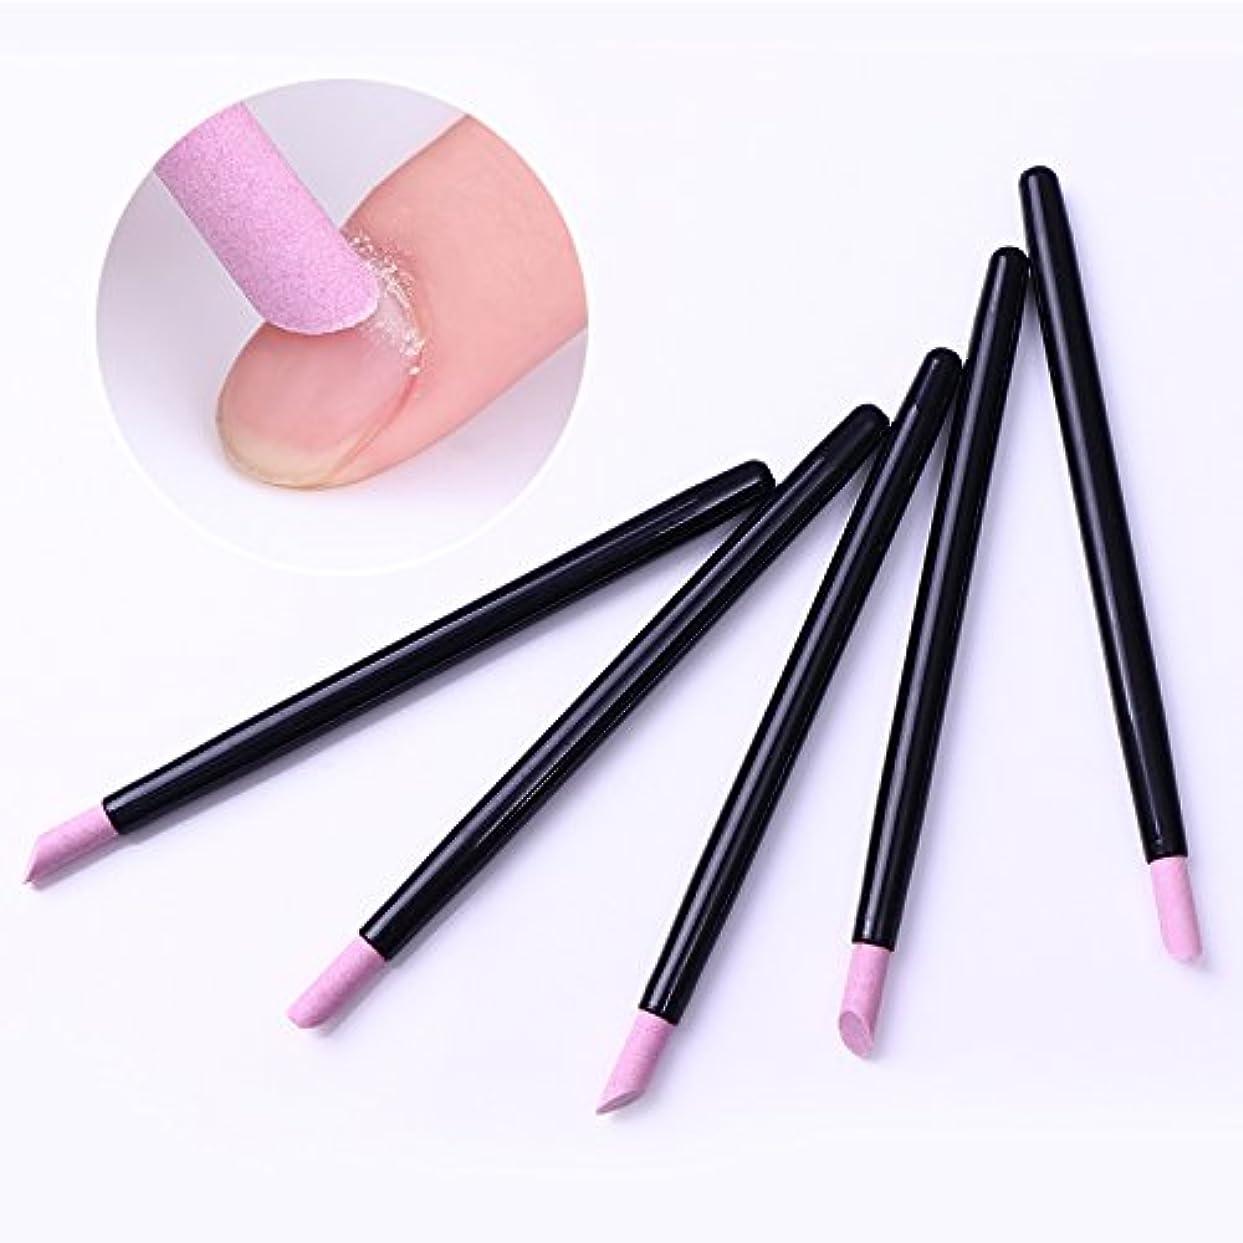 悪意乳無力5Pcs Cuticle Remover Pusher Trimmer Quartz Stone Scrub Pen Nail Tool Black Handle Manicure Nail Care Tool キューティクルリムーバープッシャートリマークォーツストーンスクラブペンネイルツールブラックハンドルマニキュアネイルケアツール